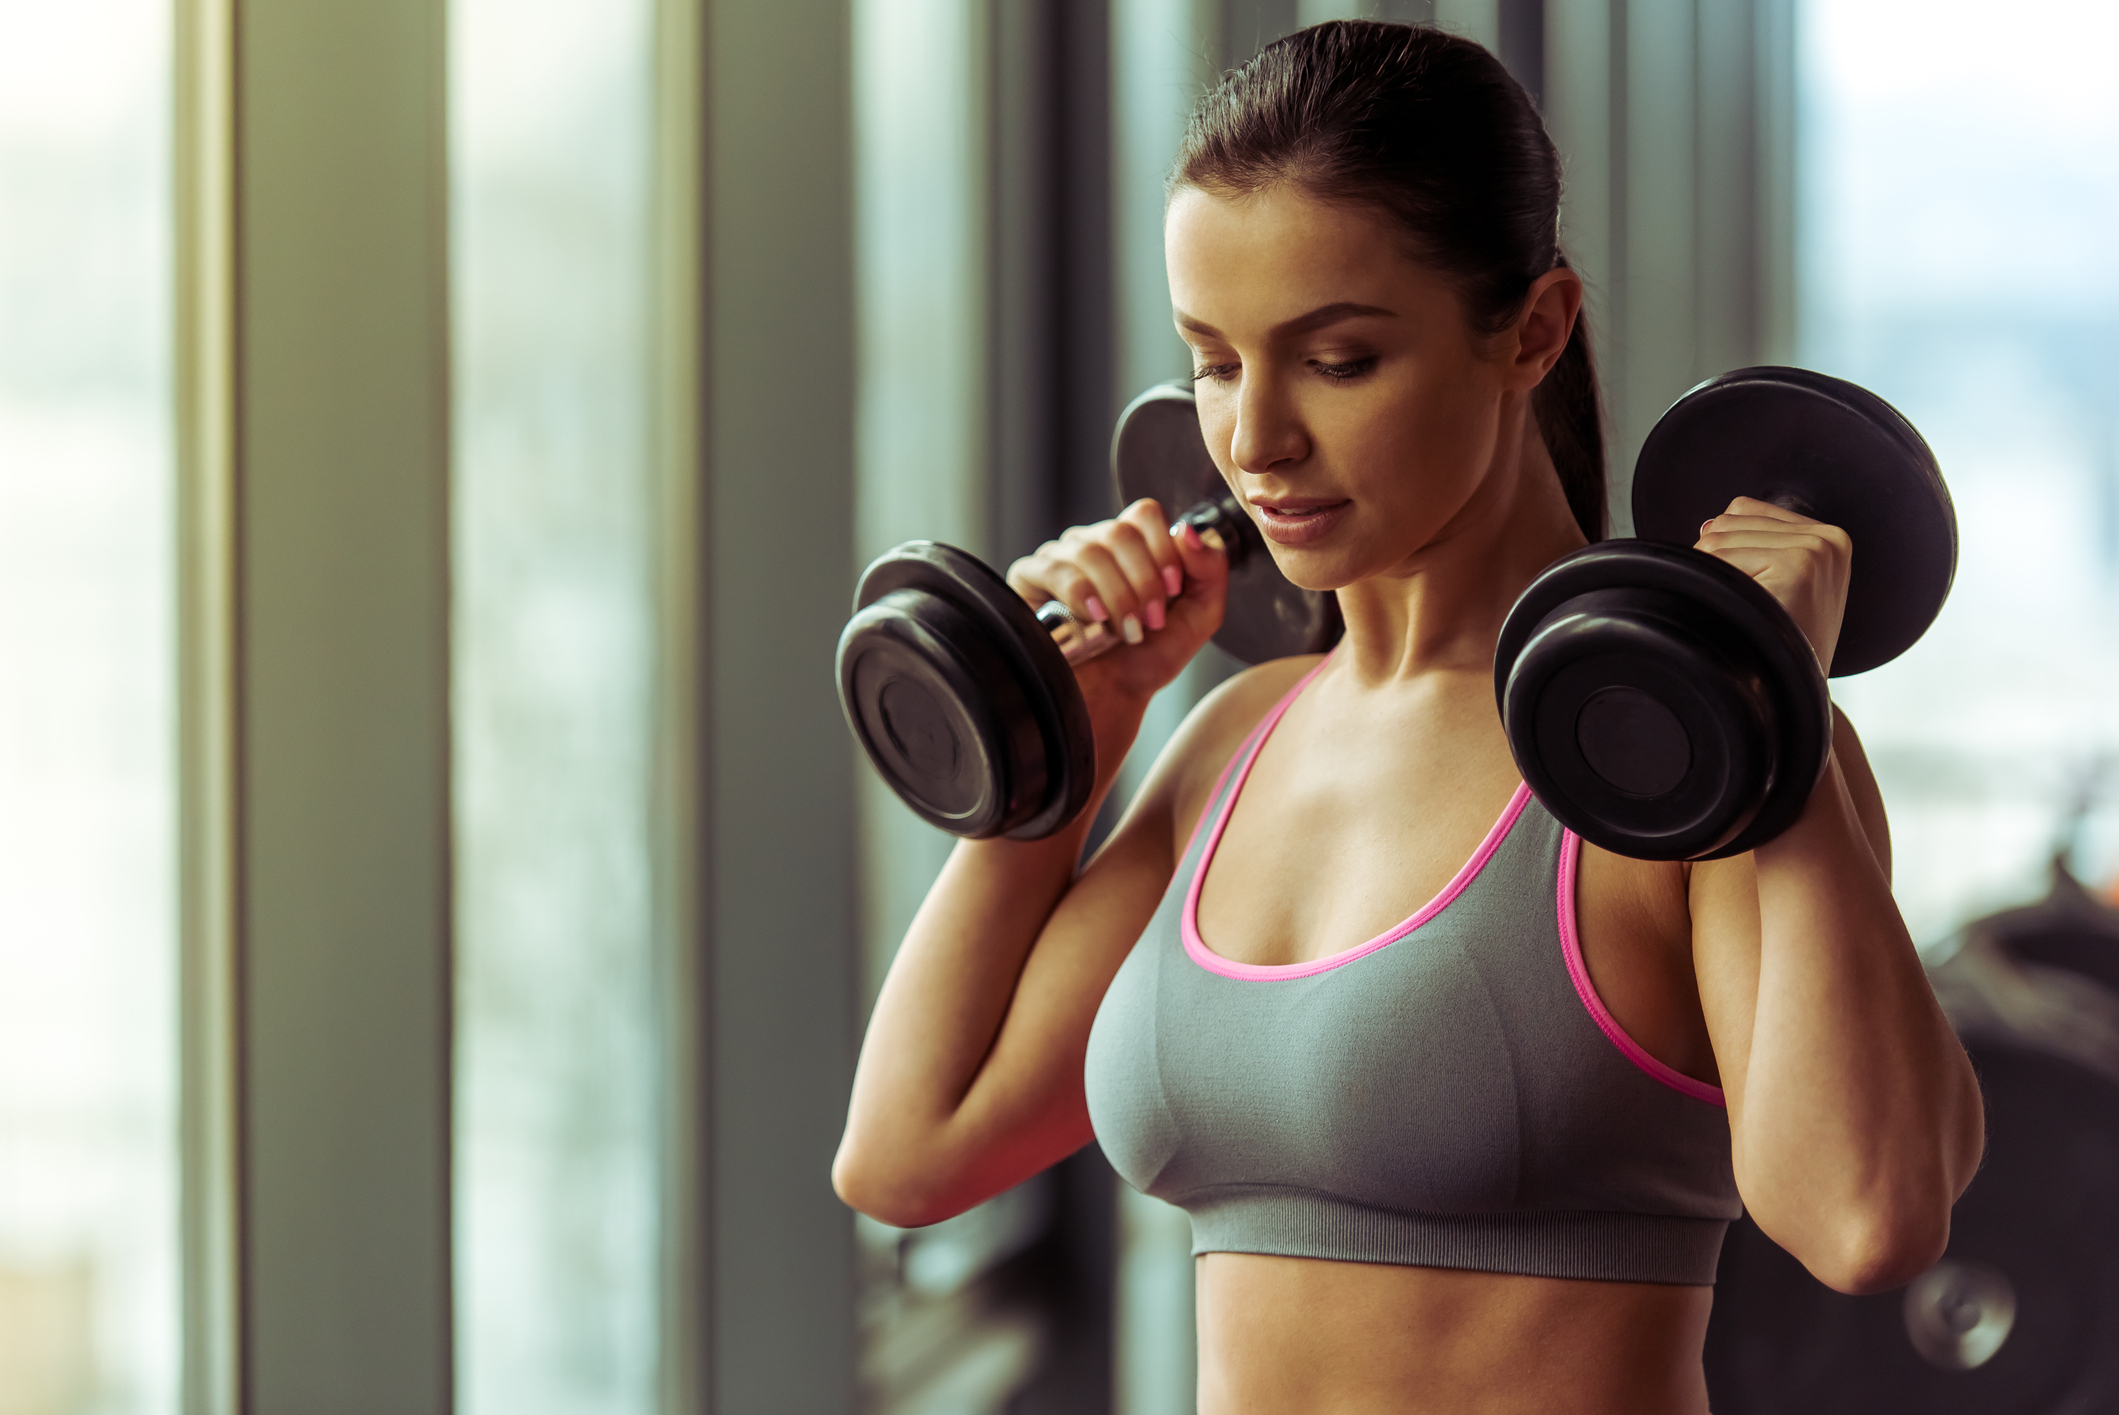 Базова силове тренування, яка допоможе зміцнити все тіло